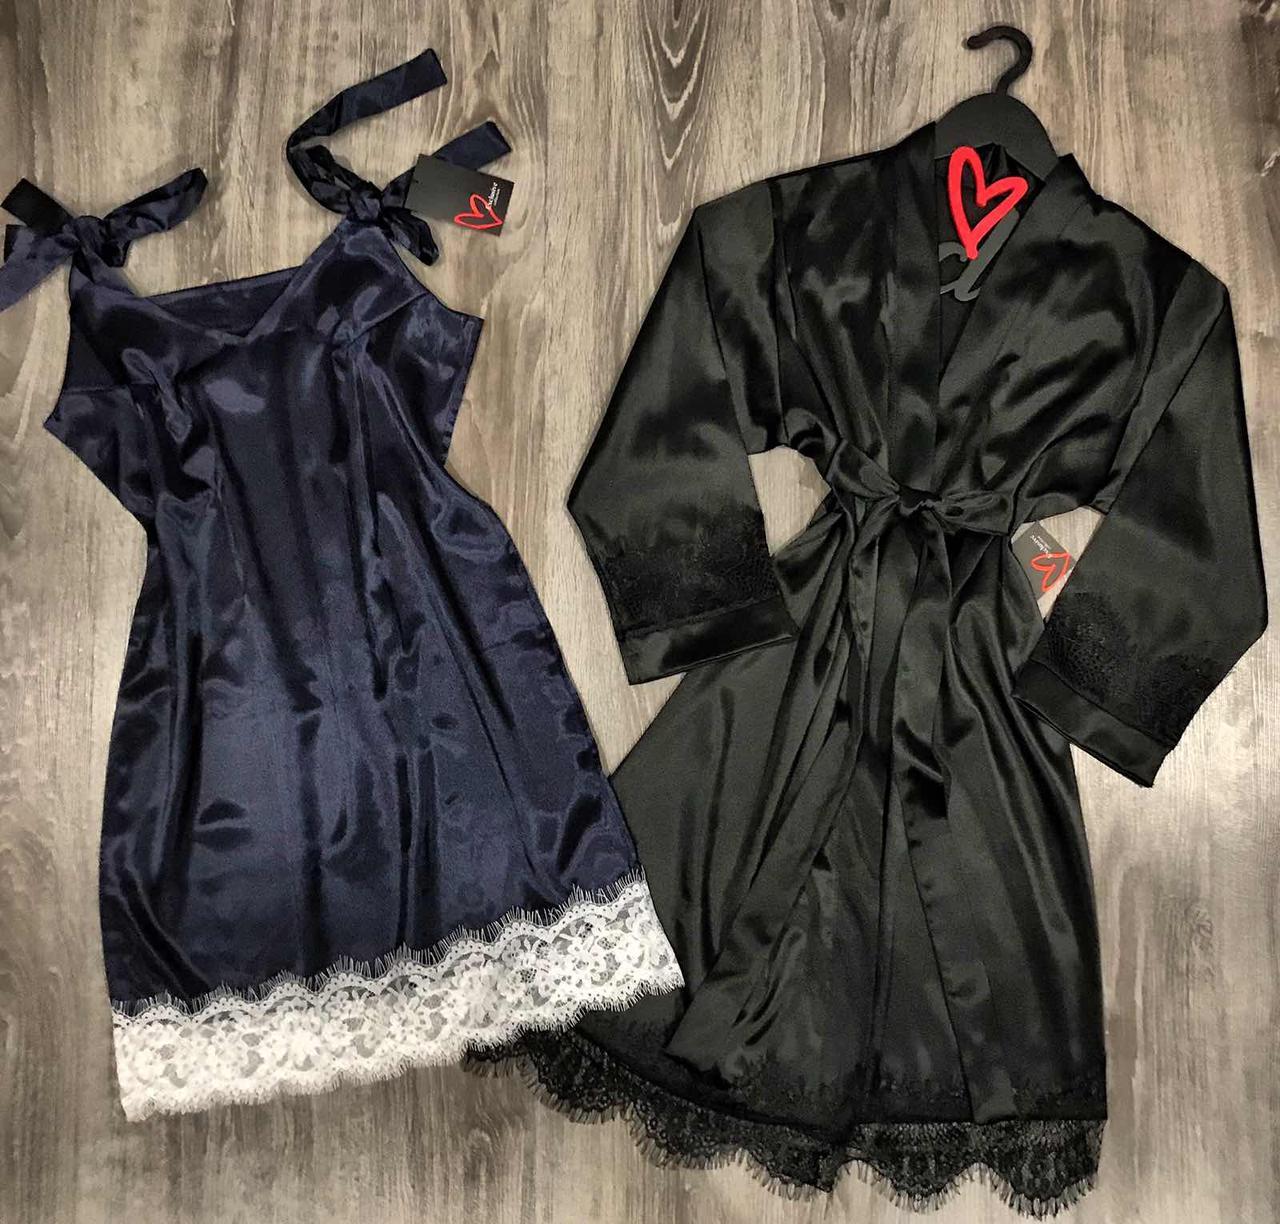 Женский халат и пеньюар-шелковый комплект домашней одежды.